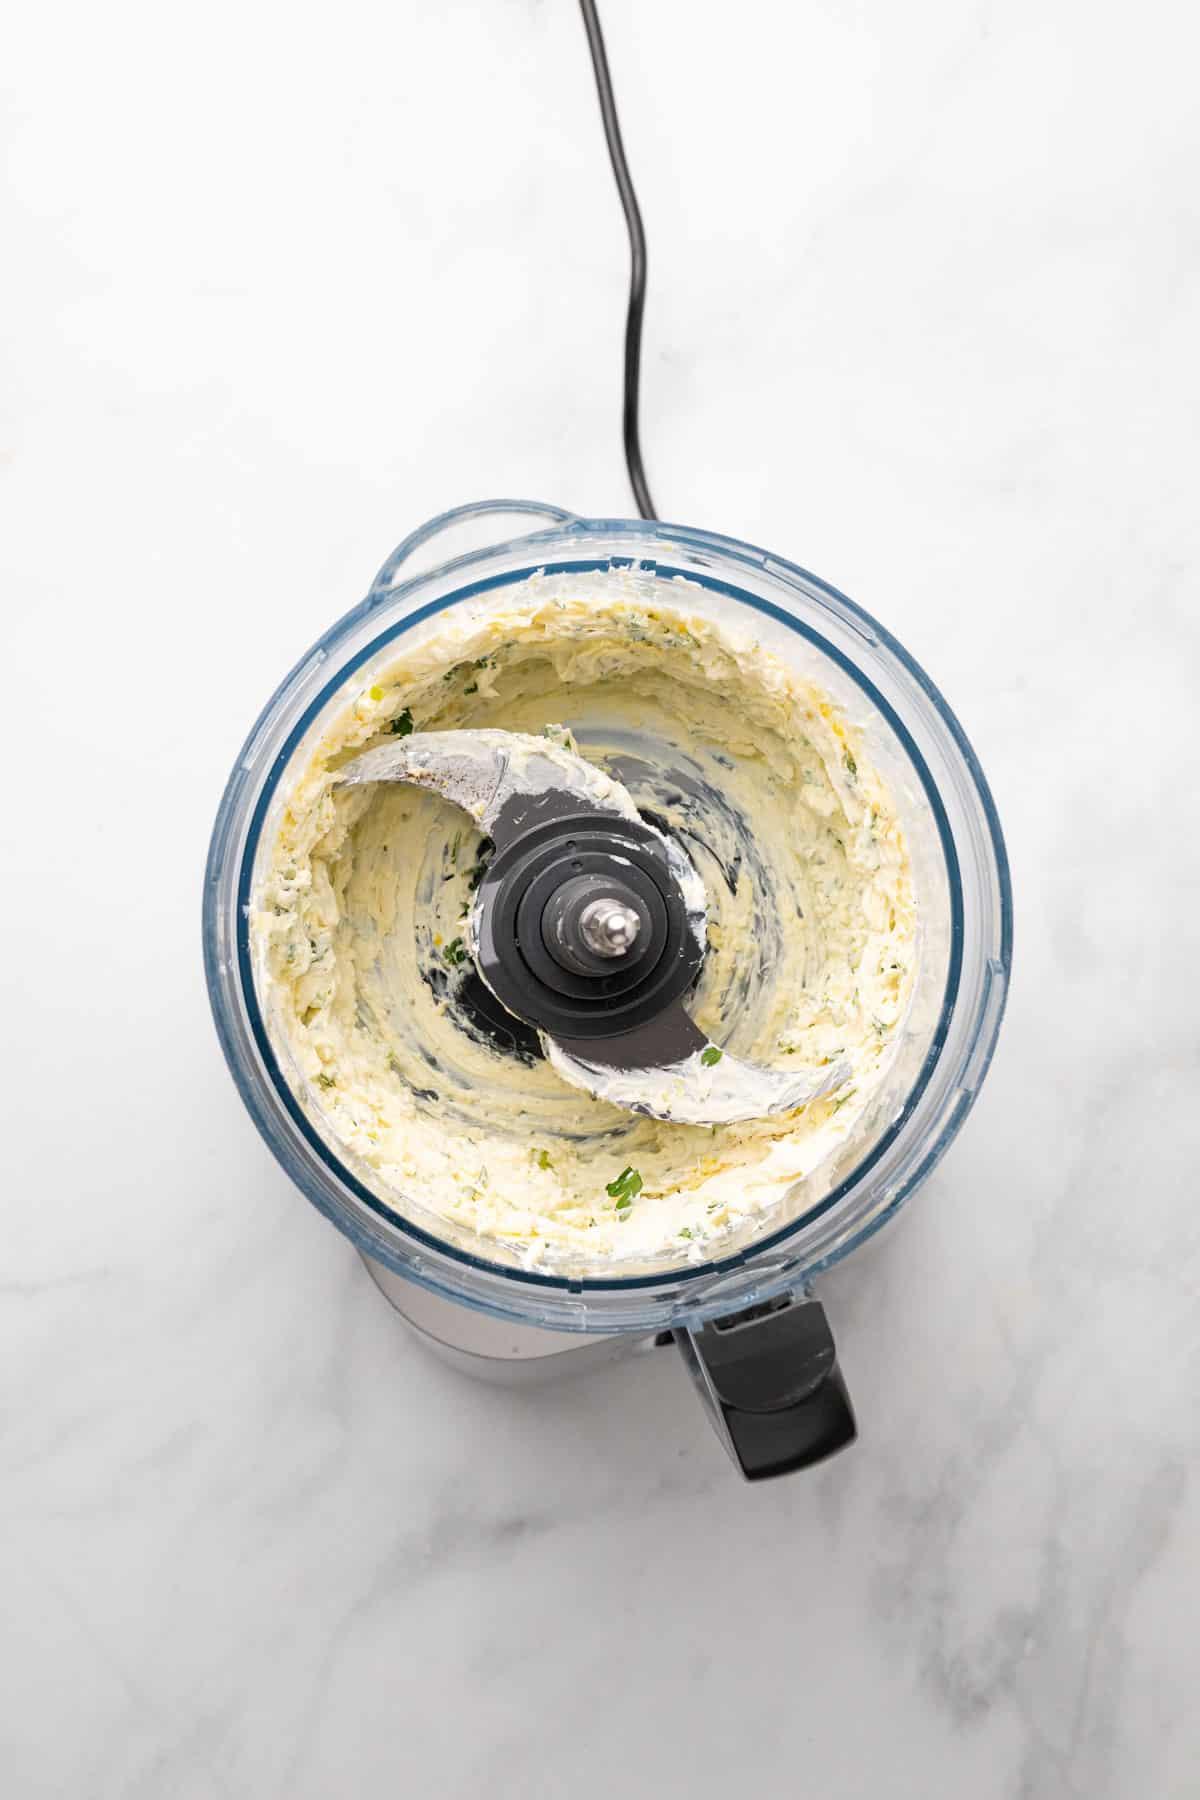 Blended ingredients in food processor